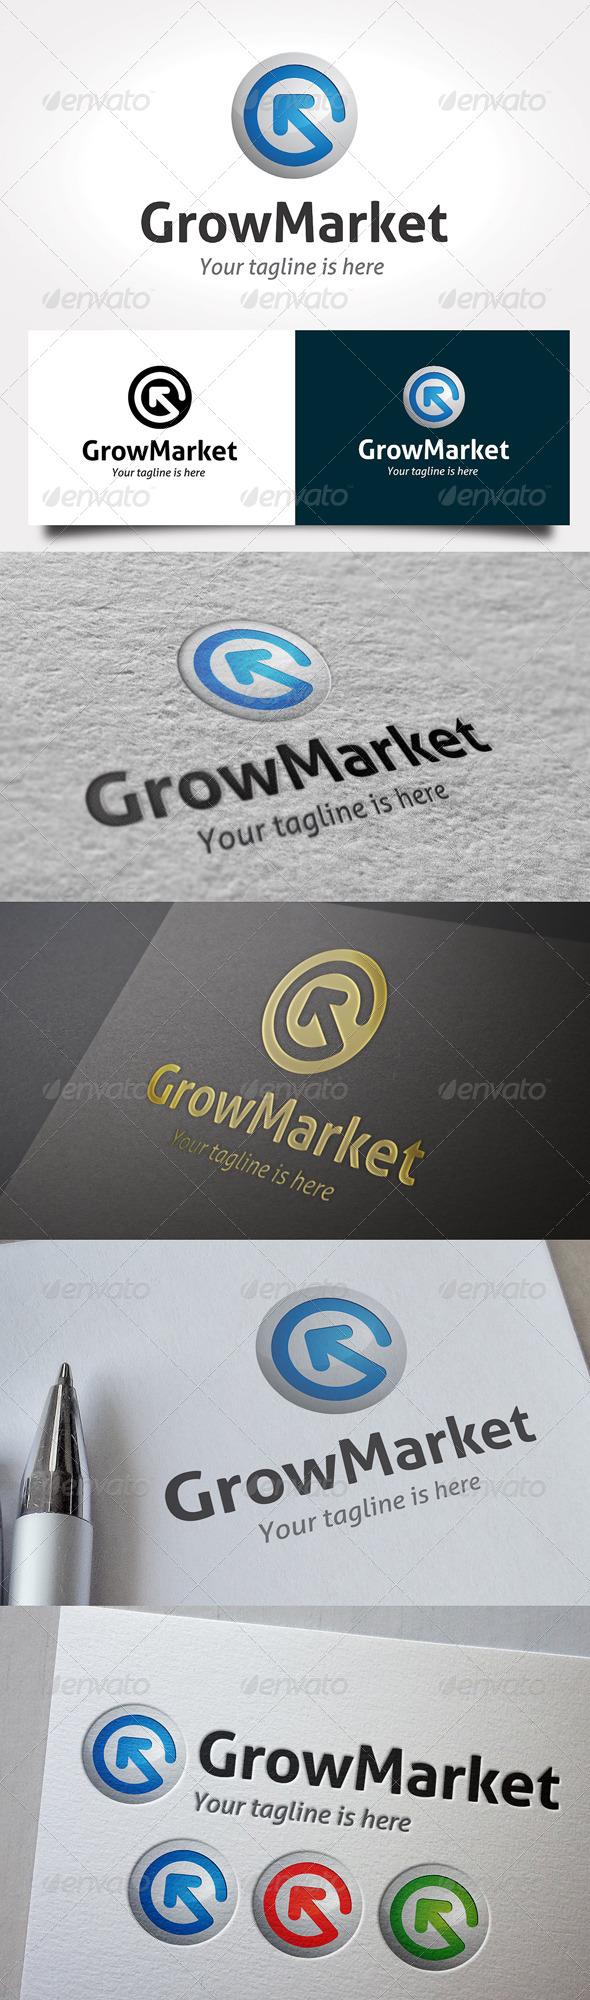 GraphicRiver Grow Market Logo 6470540